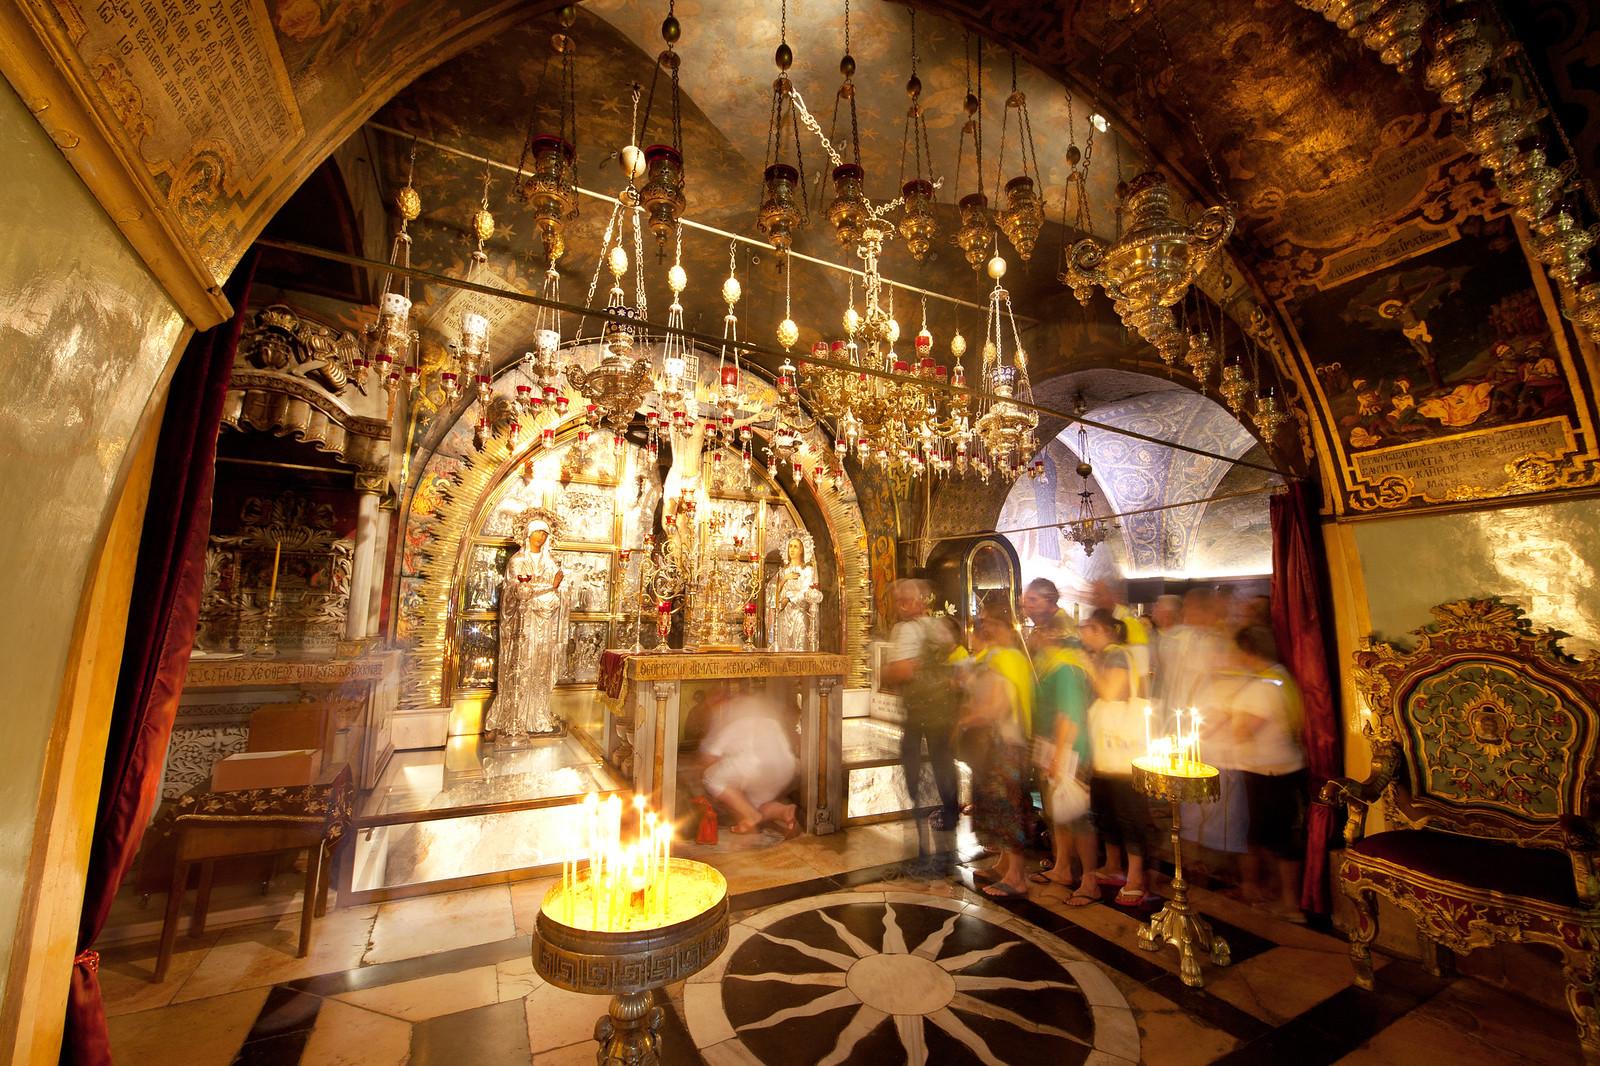 Jerusalem_Via Dolorosa_Station 12_The Holy Sepulcher_Noam Chen_IMOT